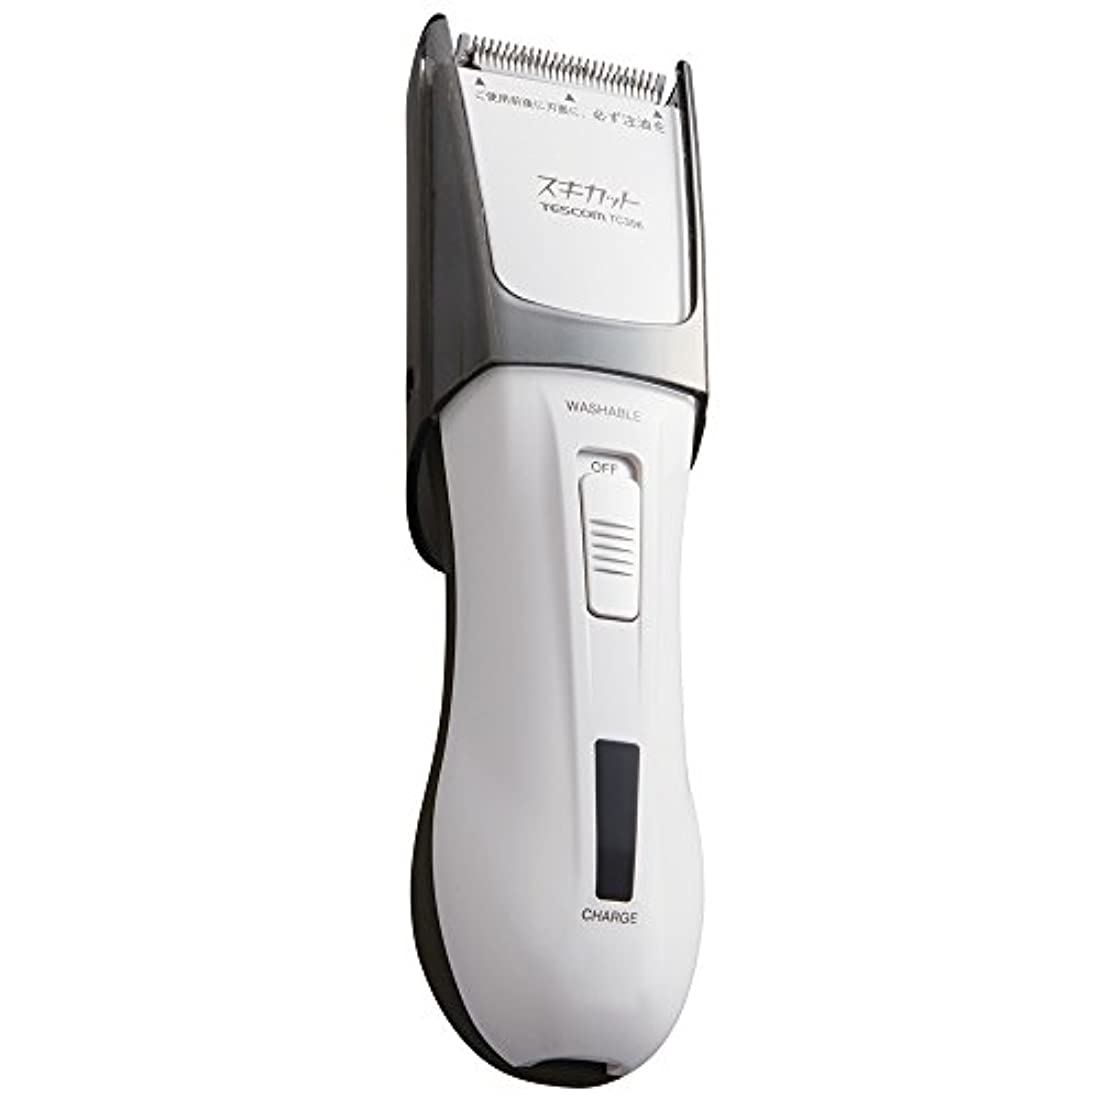 オーブン住人マウスピースTESCOM スキカット 電気バリカン ホワイト TC396-W